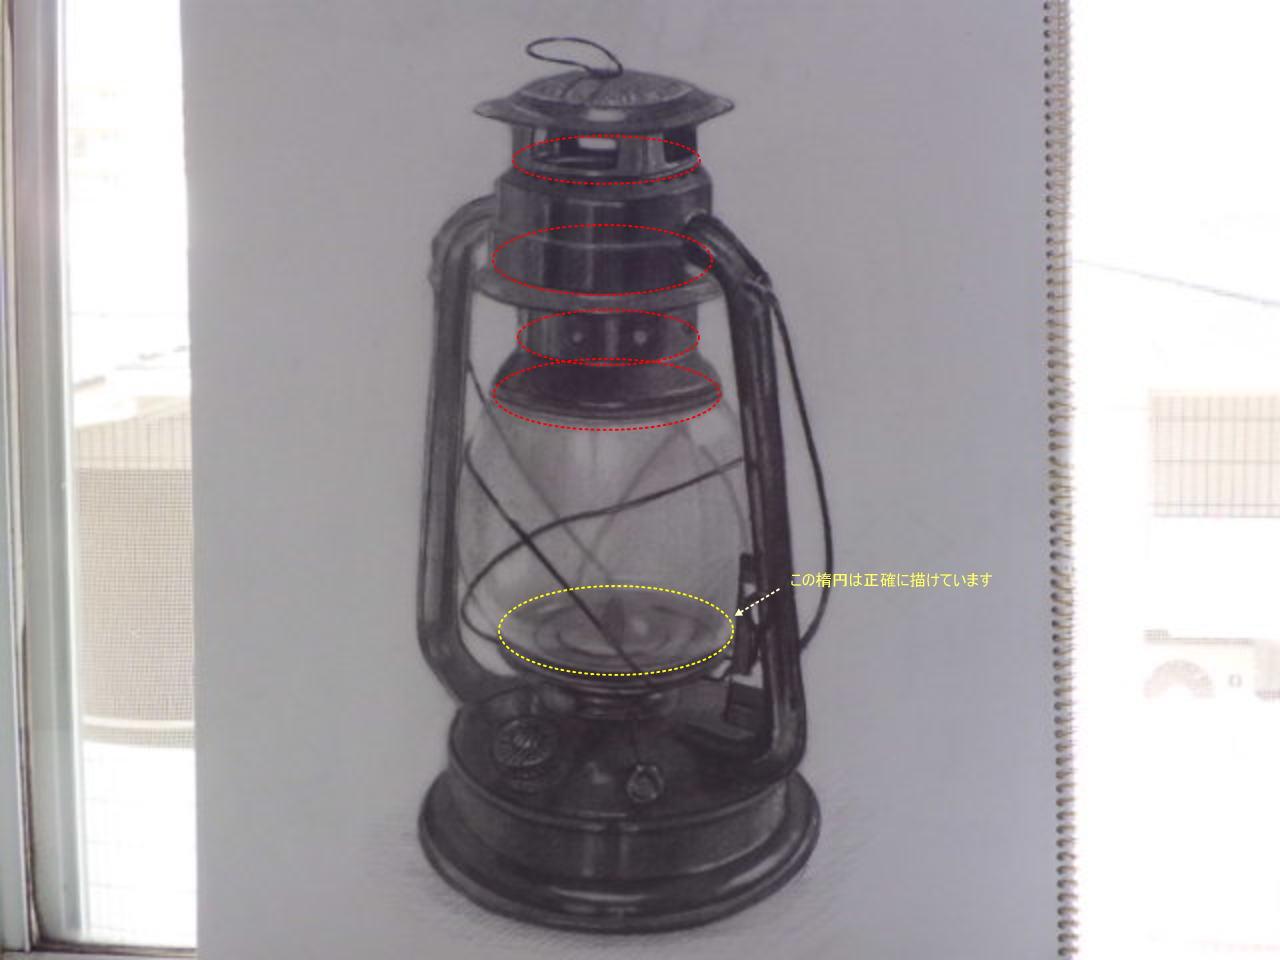 Re: ランプ